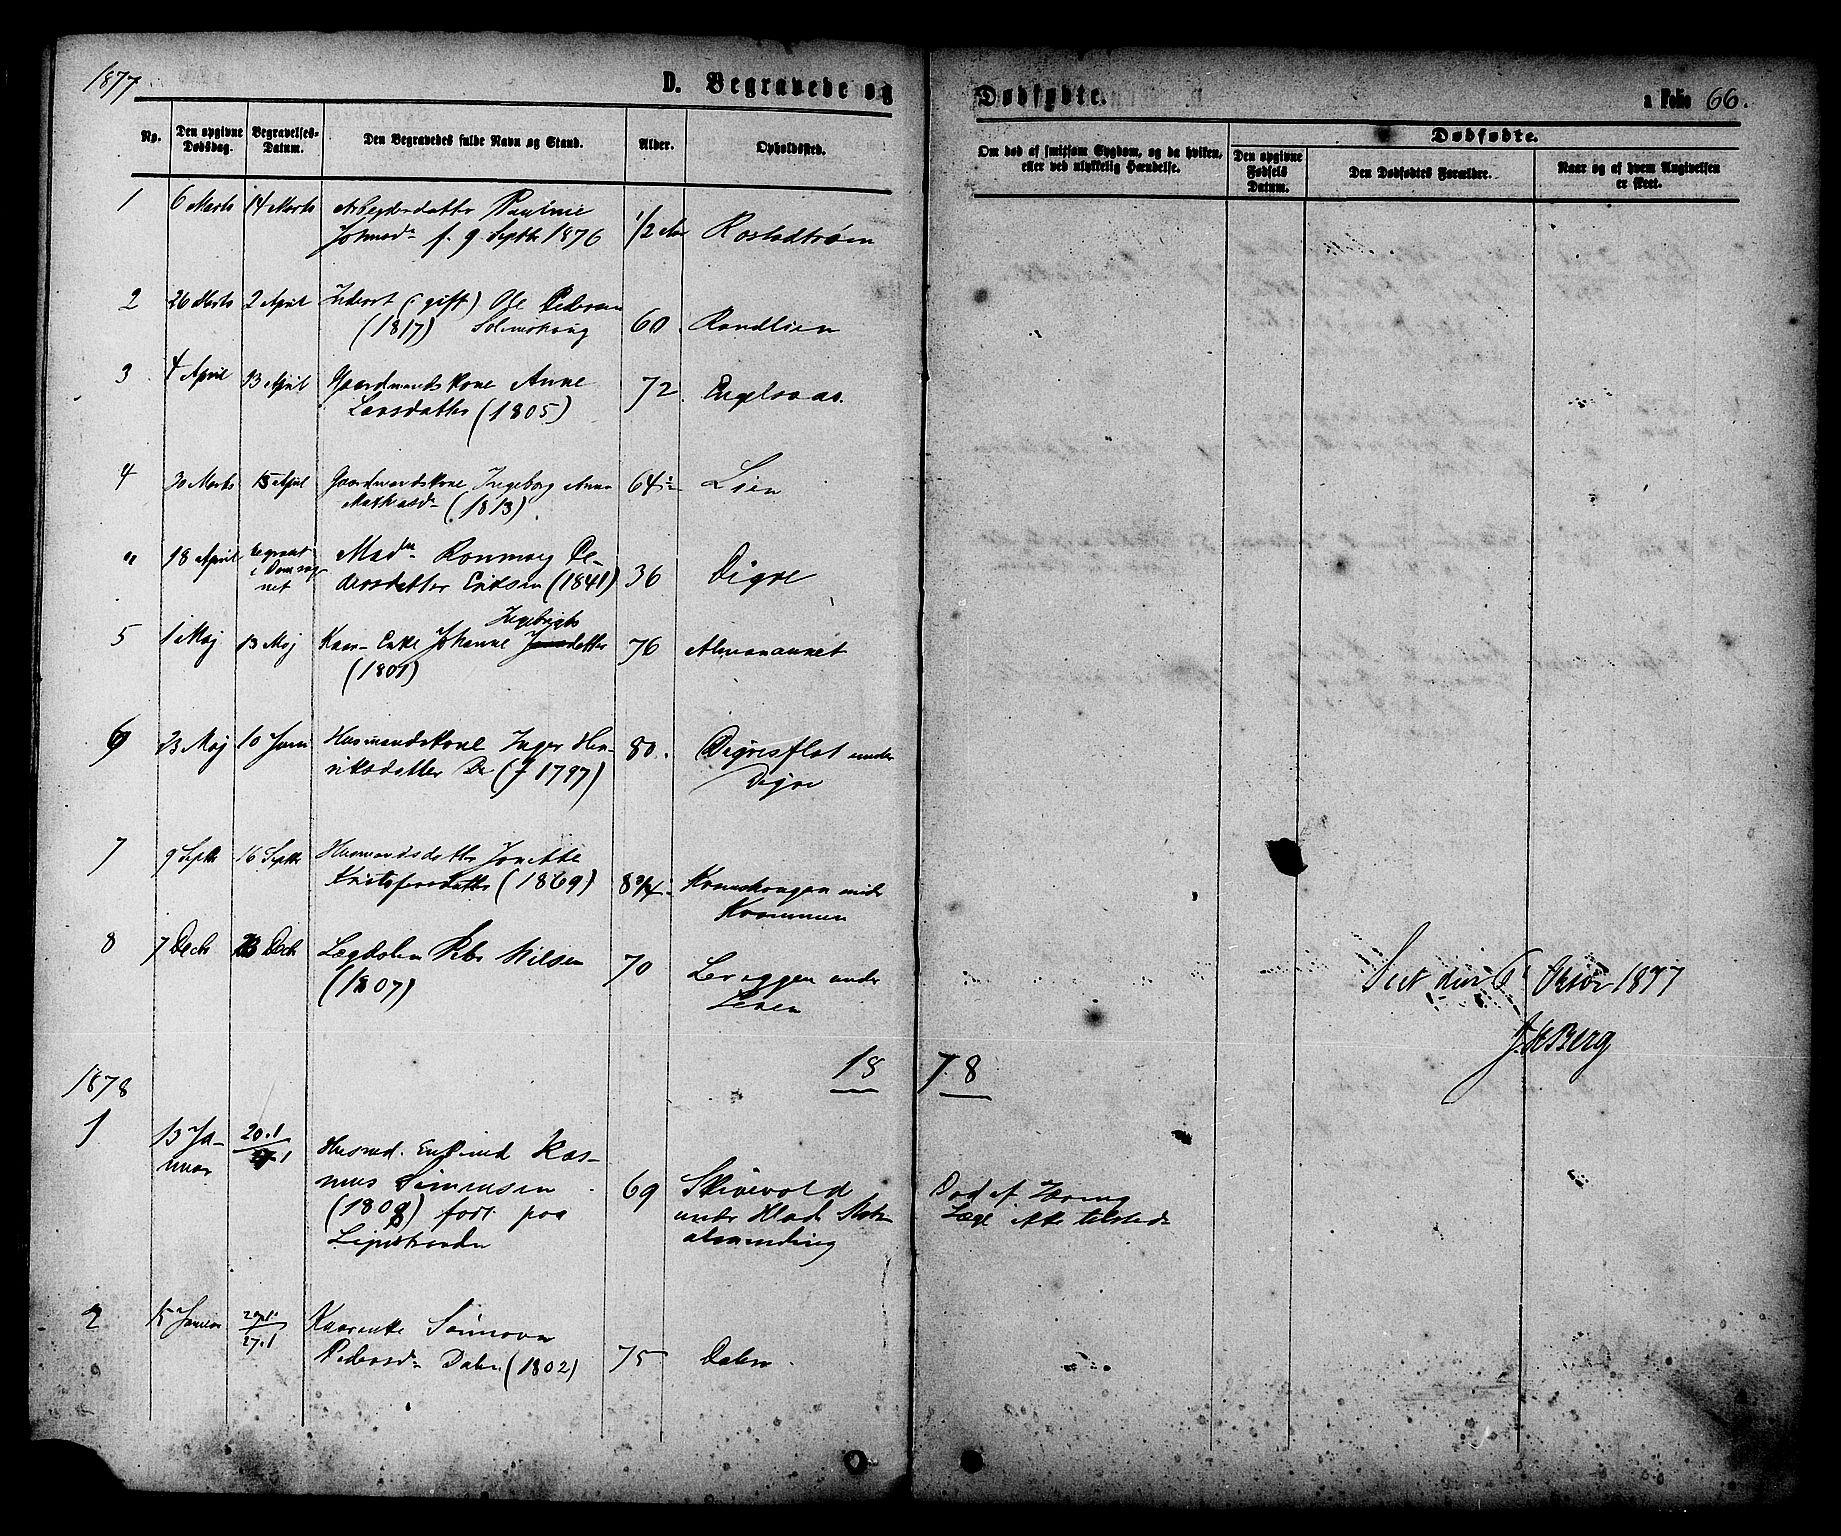 SAT, Ministerialprotokoller, klokkerbøker og fødselsregistre - Sør-Trøndelag, 608/L0334: Ministerialbok nr. 608A03, 1877-1886, s. 66